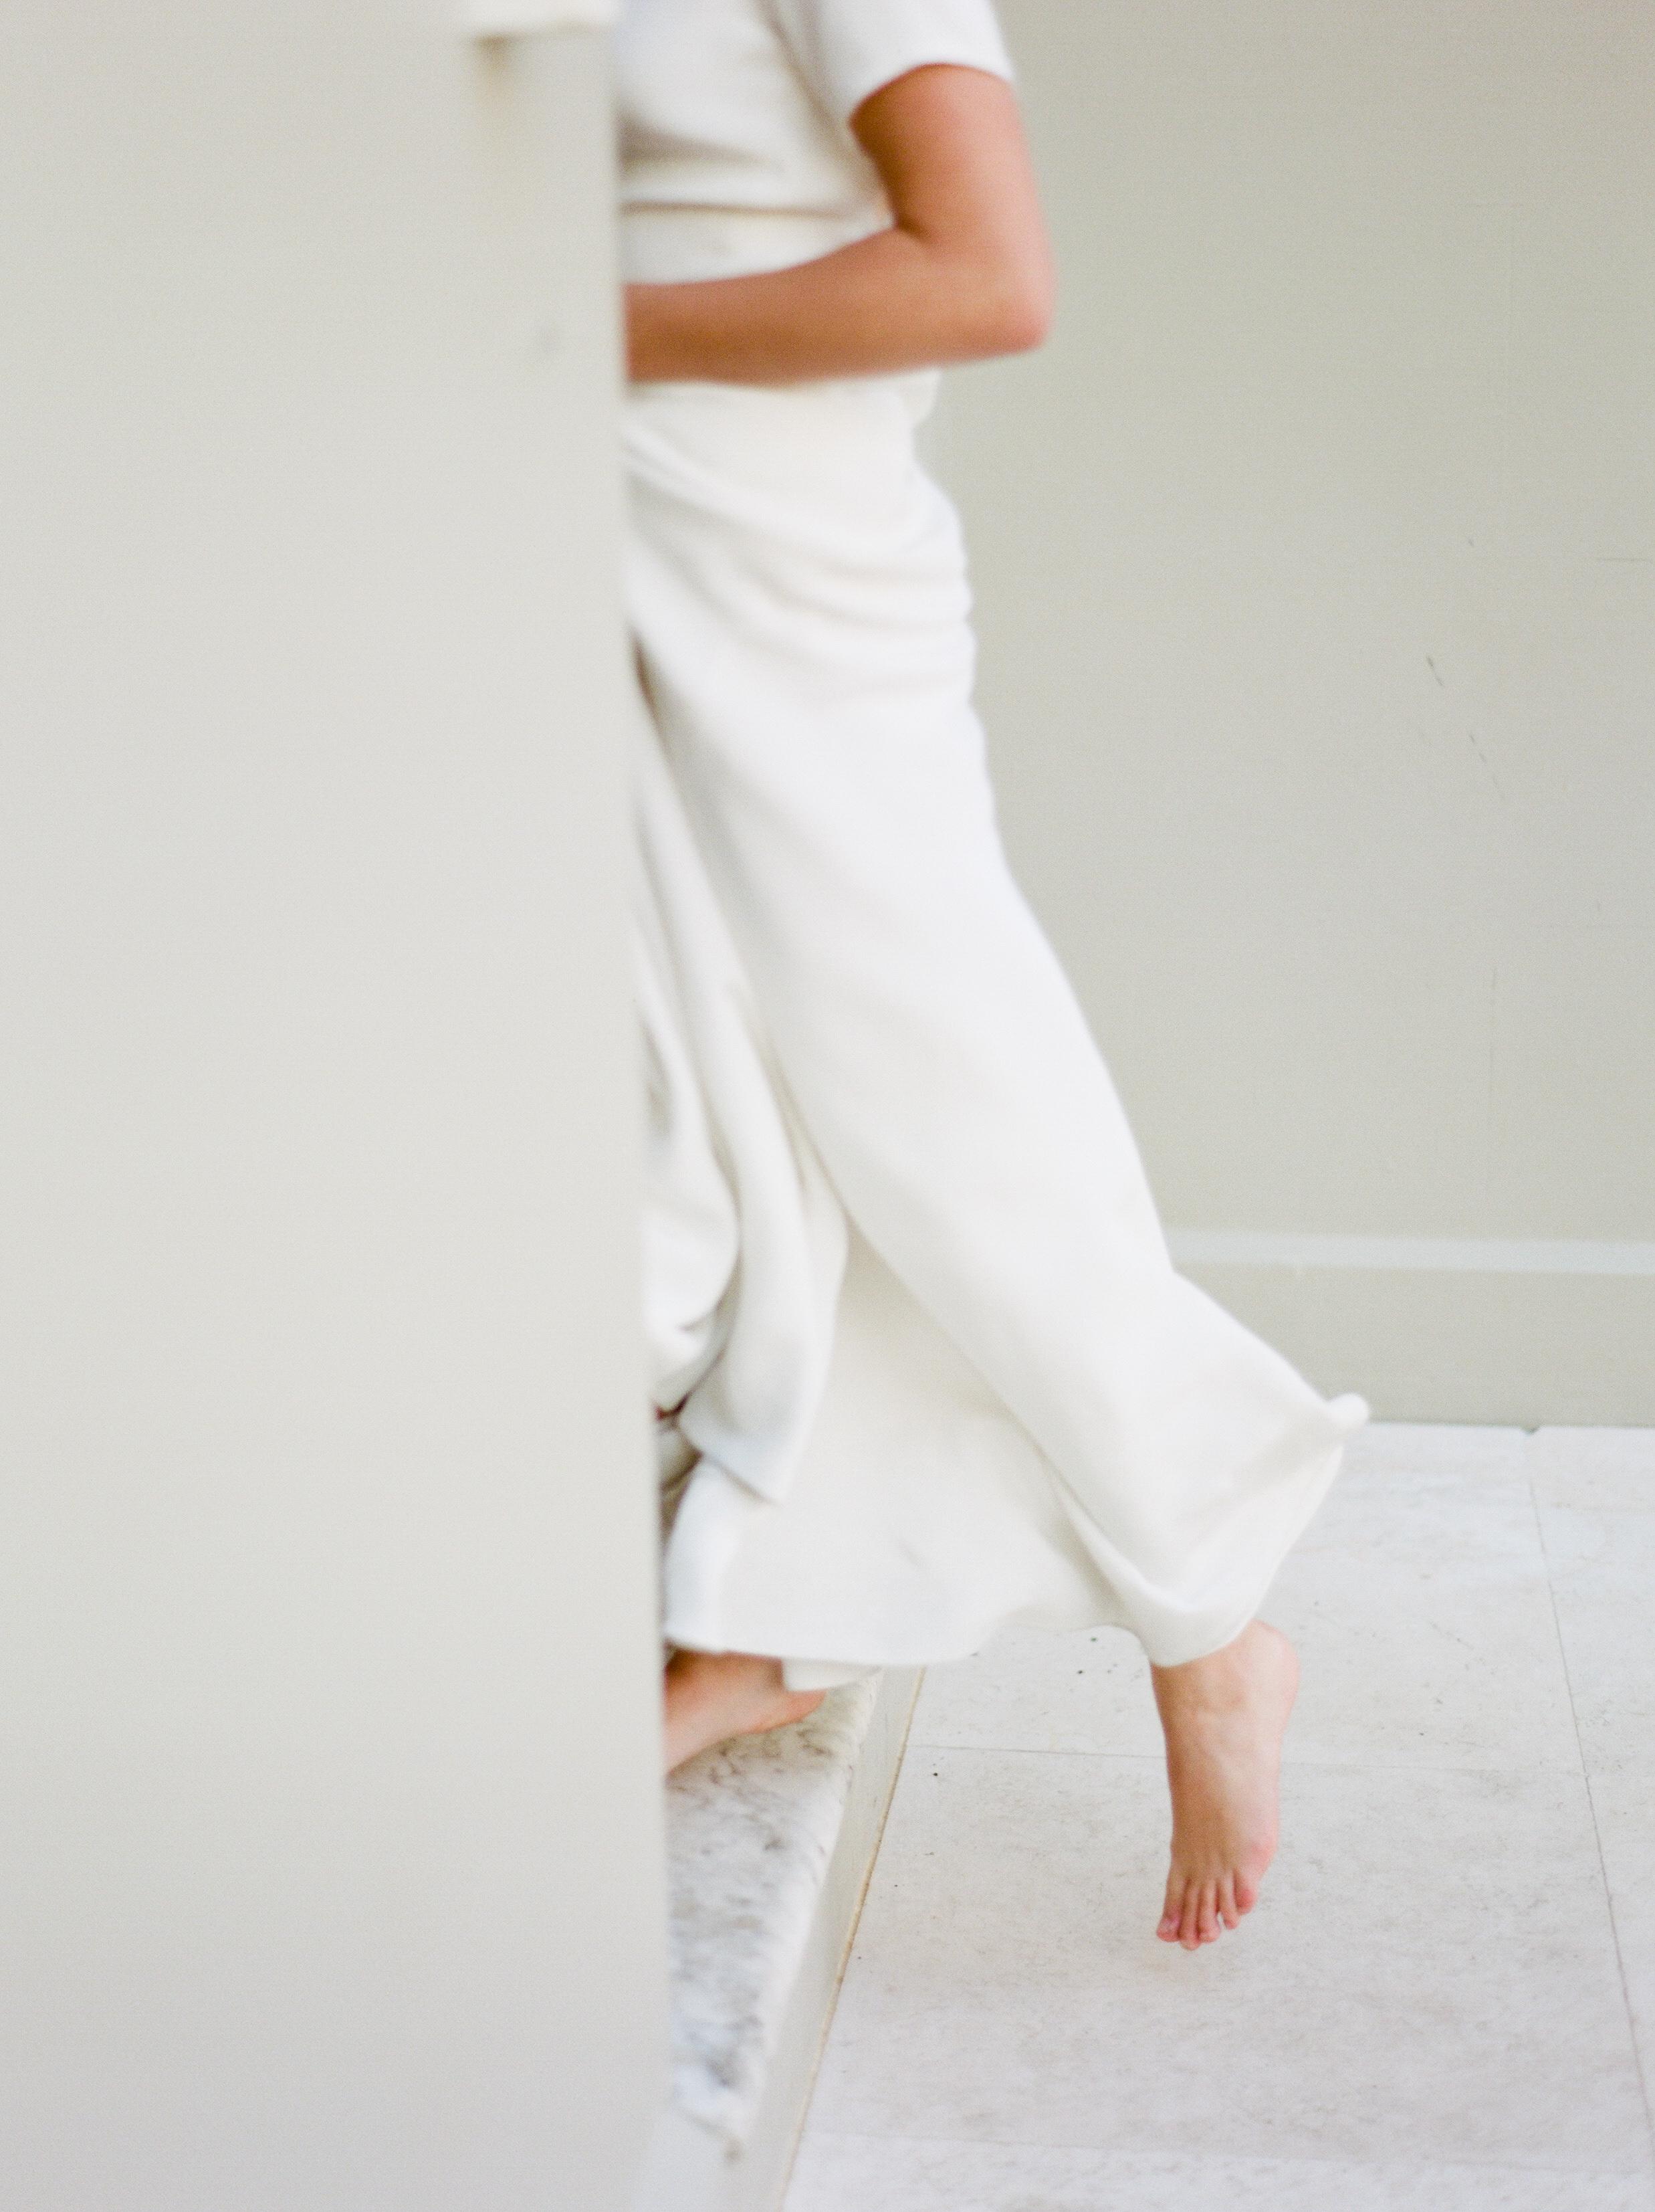 saundrachau-branding-shoot-white-movement-unearthingtc.jpg